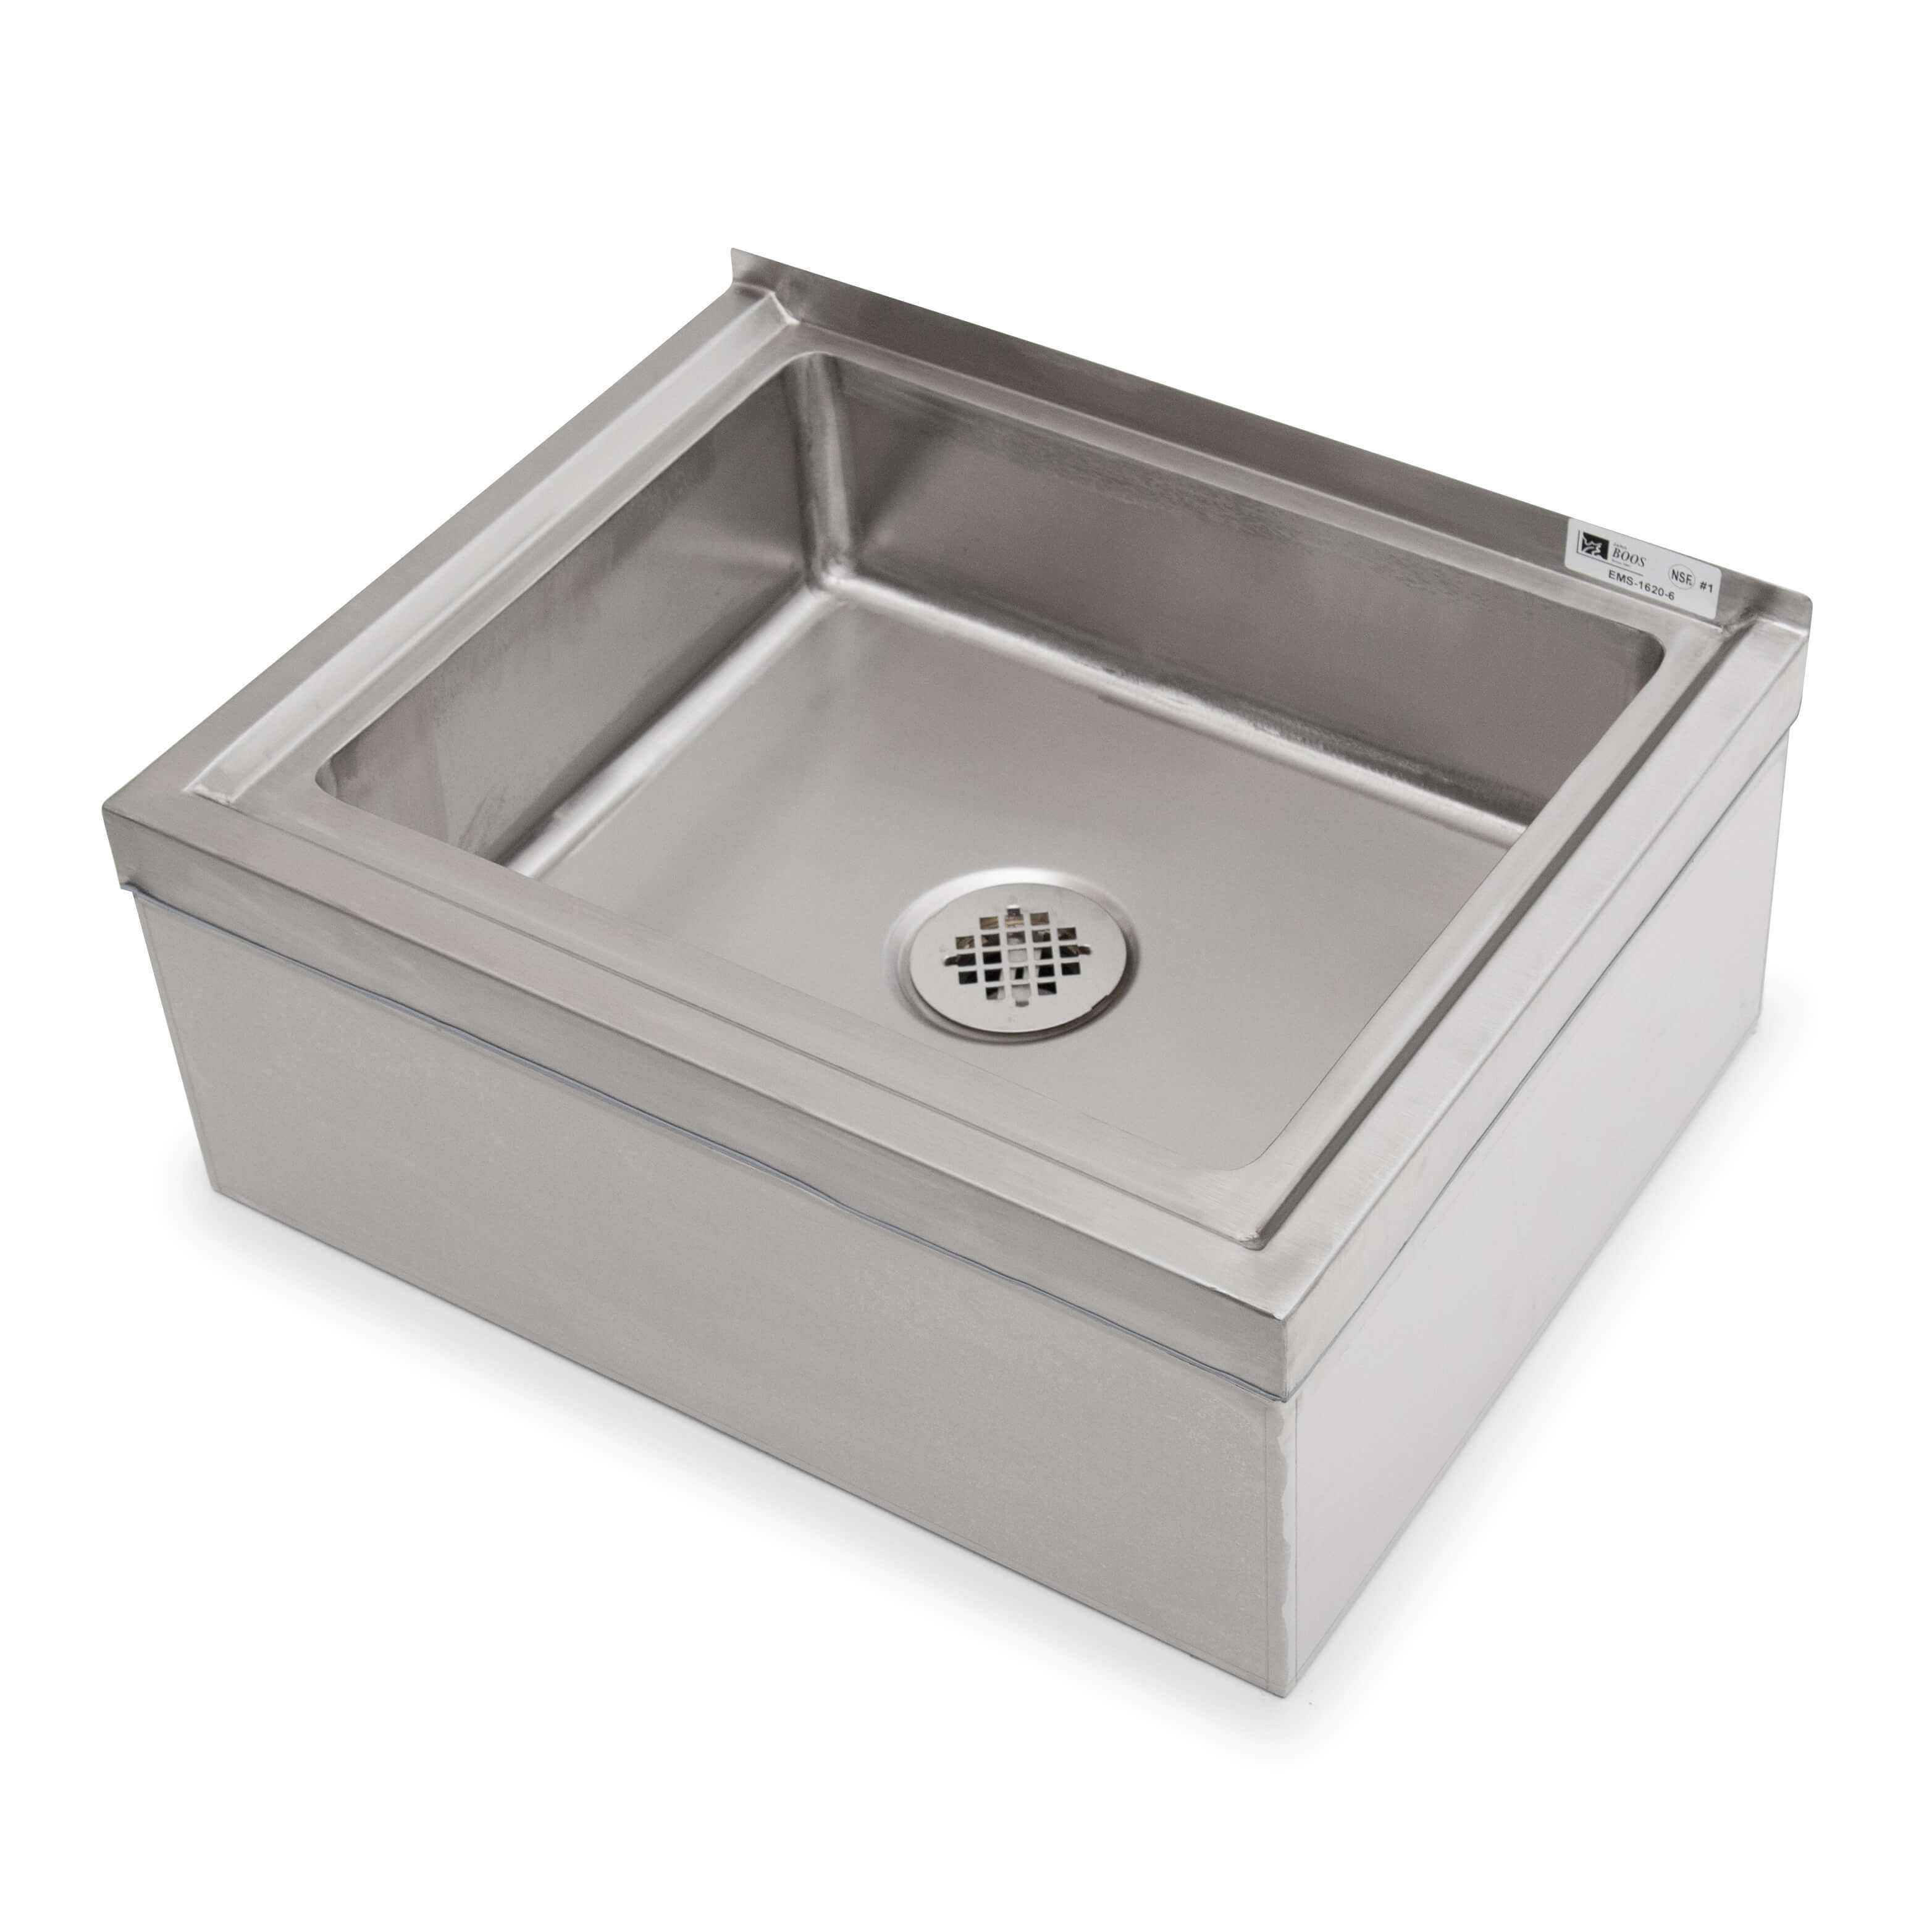 Mop Sinks